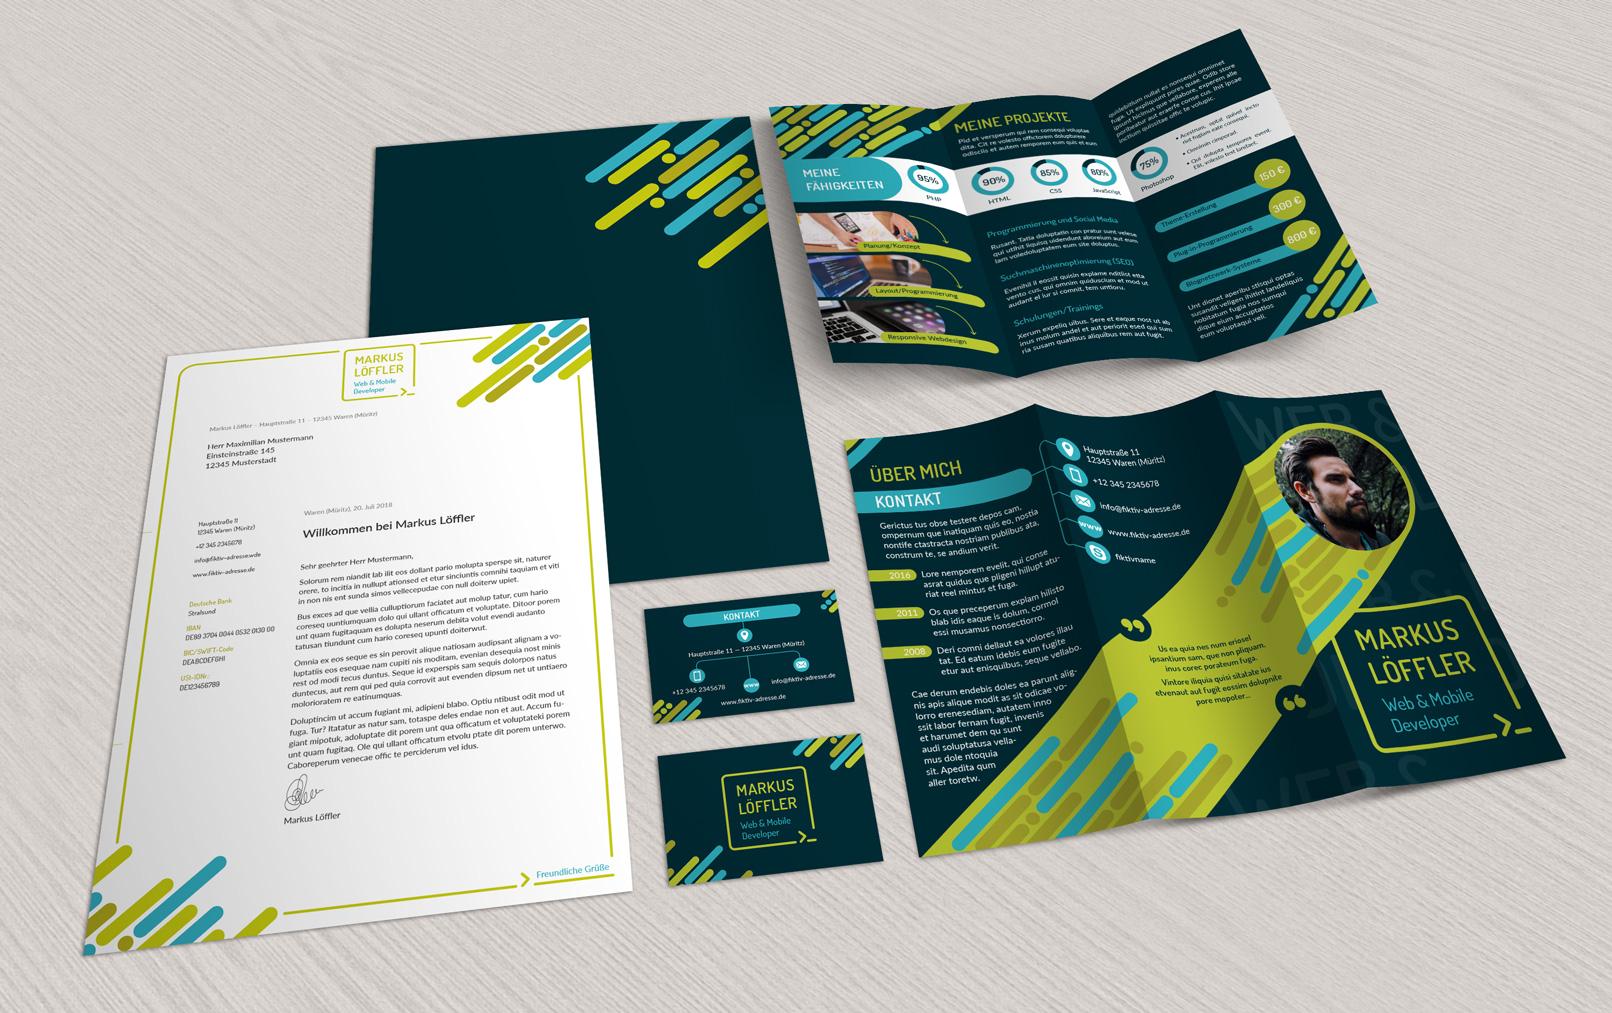 Klar, strukturiert und einheitlich kommunizieren mit dieser Geschäftsausstattung – mit Briefpapier, Flyer und Visitenkarten.